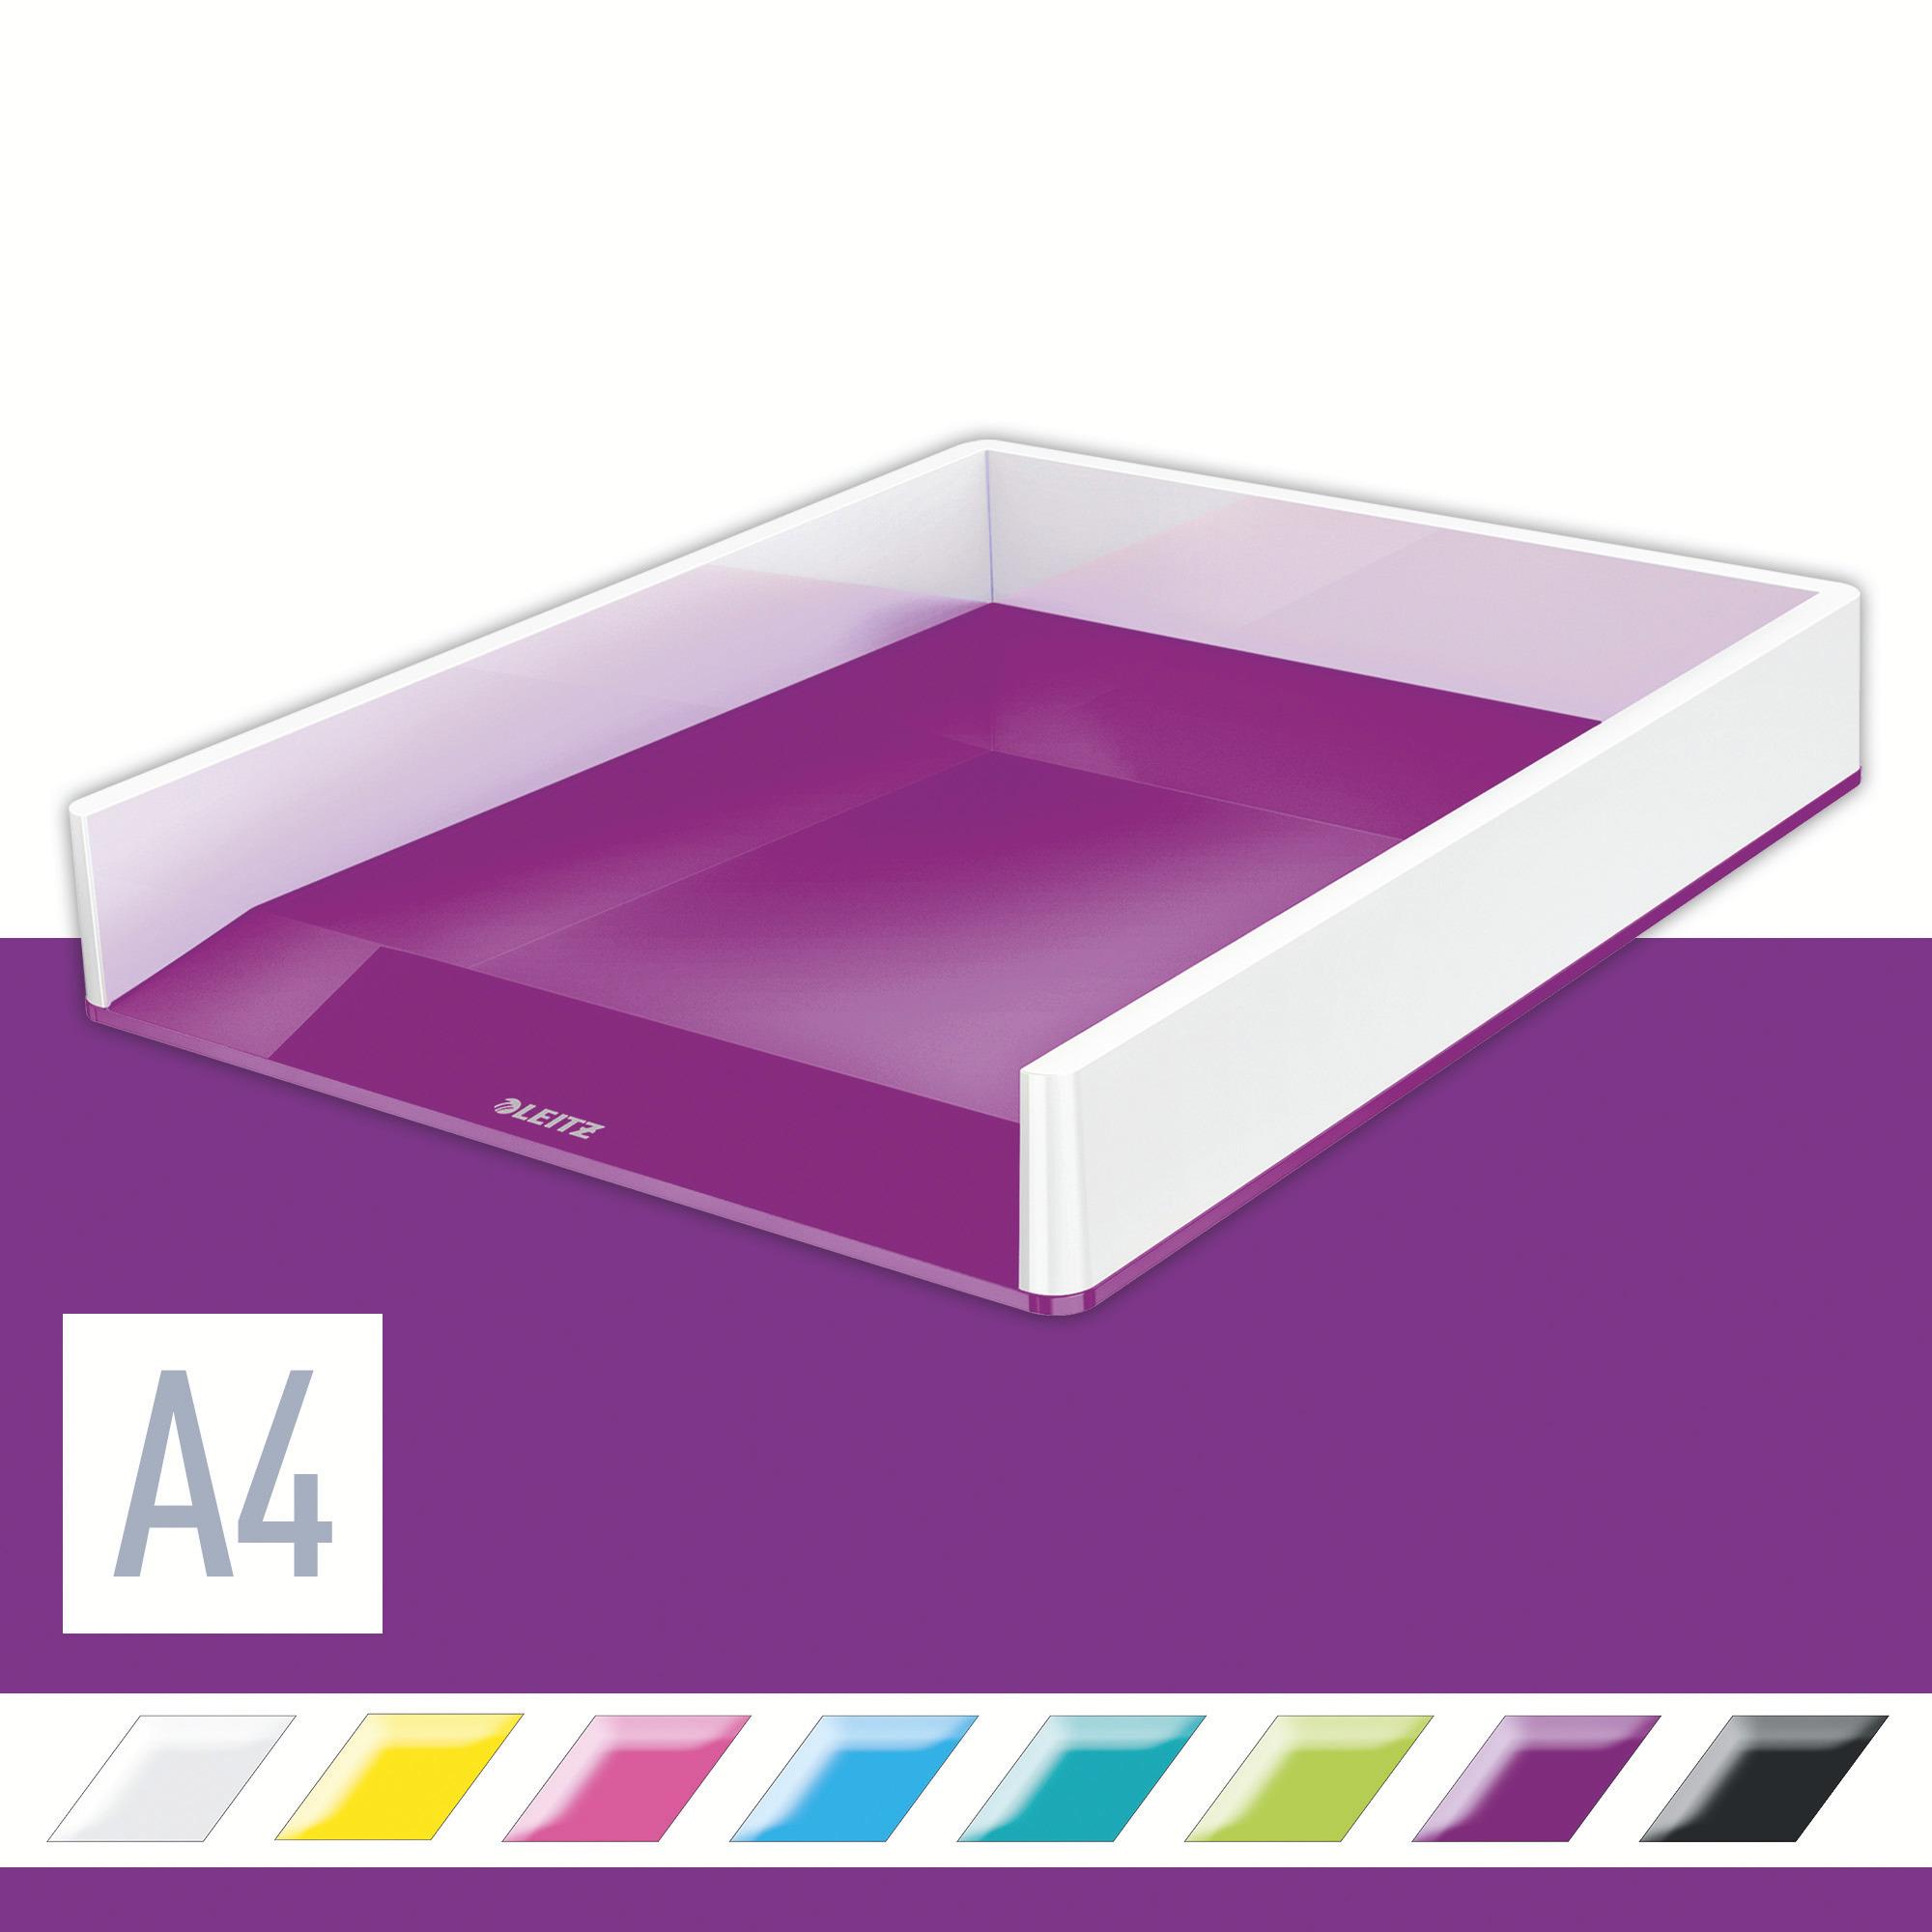 Лоток горизонтальный Wow Duo Colour, метал., фиолет. LEITZ - фото 2